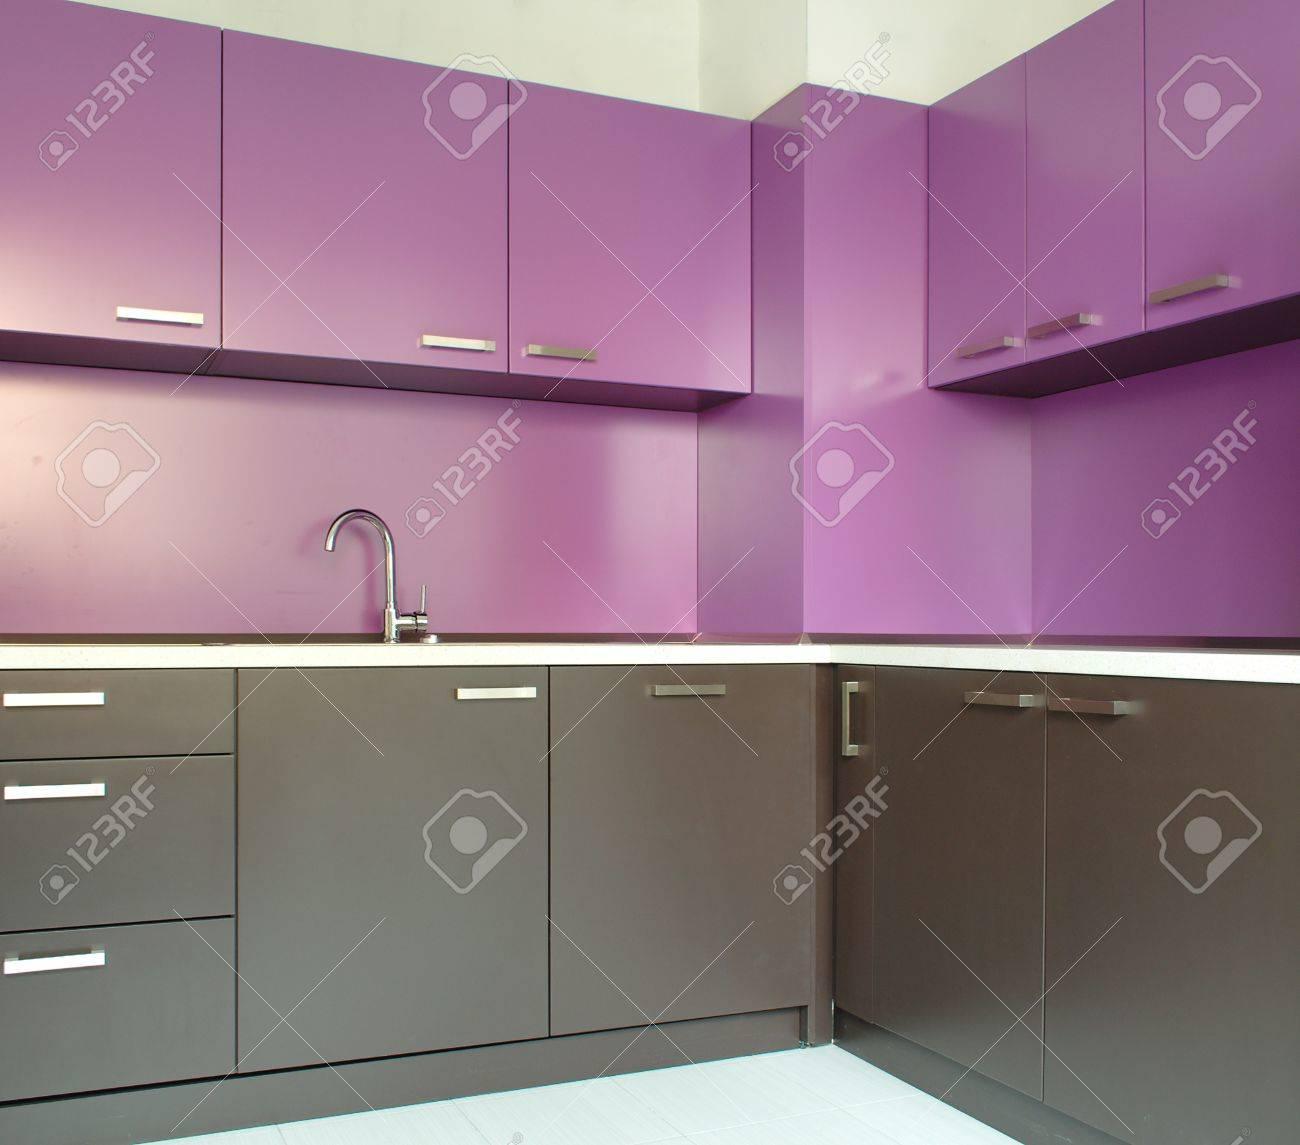 Cuisine Moderne Couleur Violet nouvellement équipée cuisine moderne en violet et marron